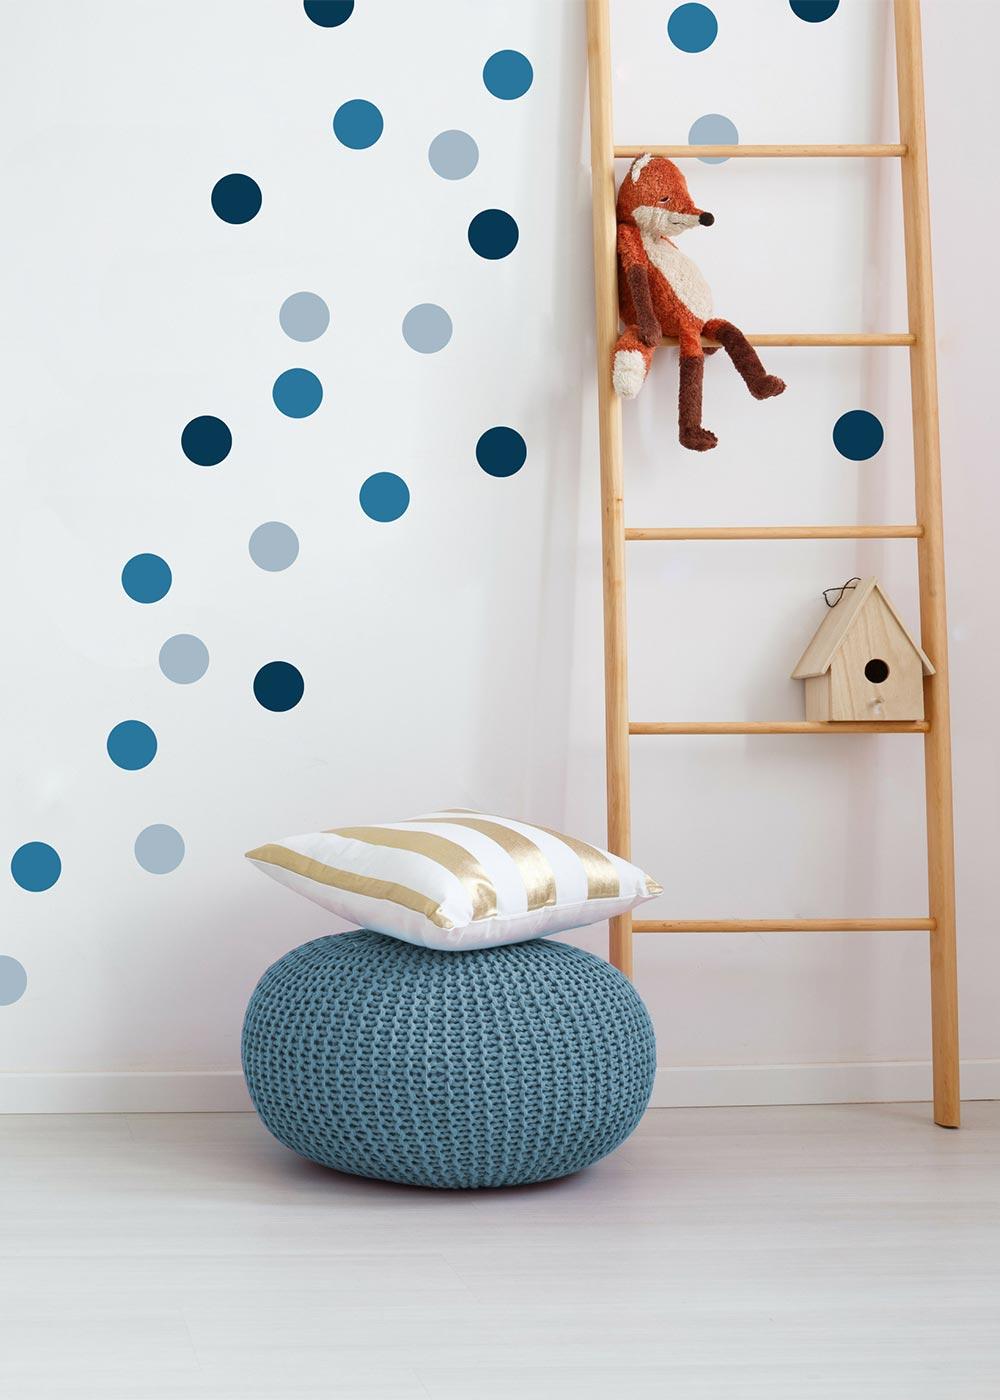 Stickerset Polka dots blau Gestaltungsbeispiel Wand